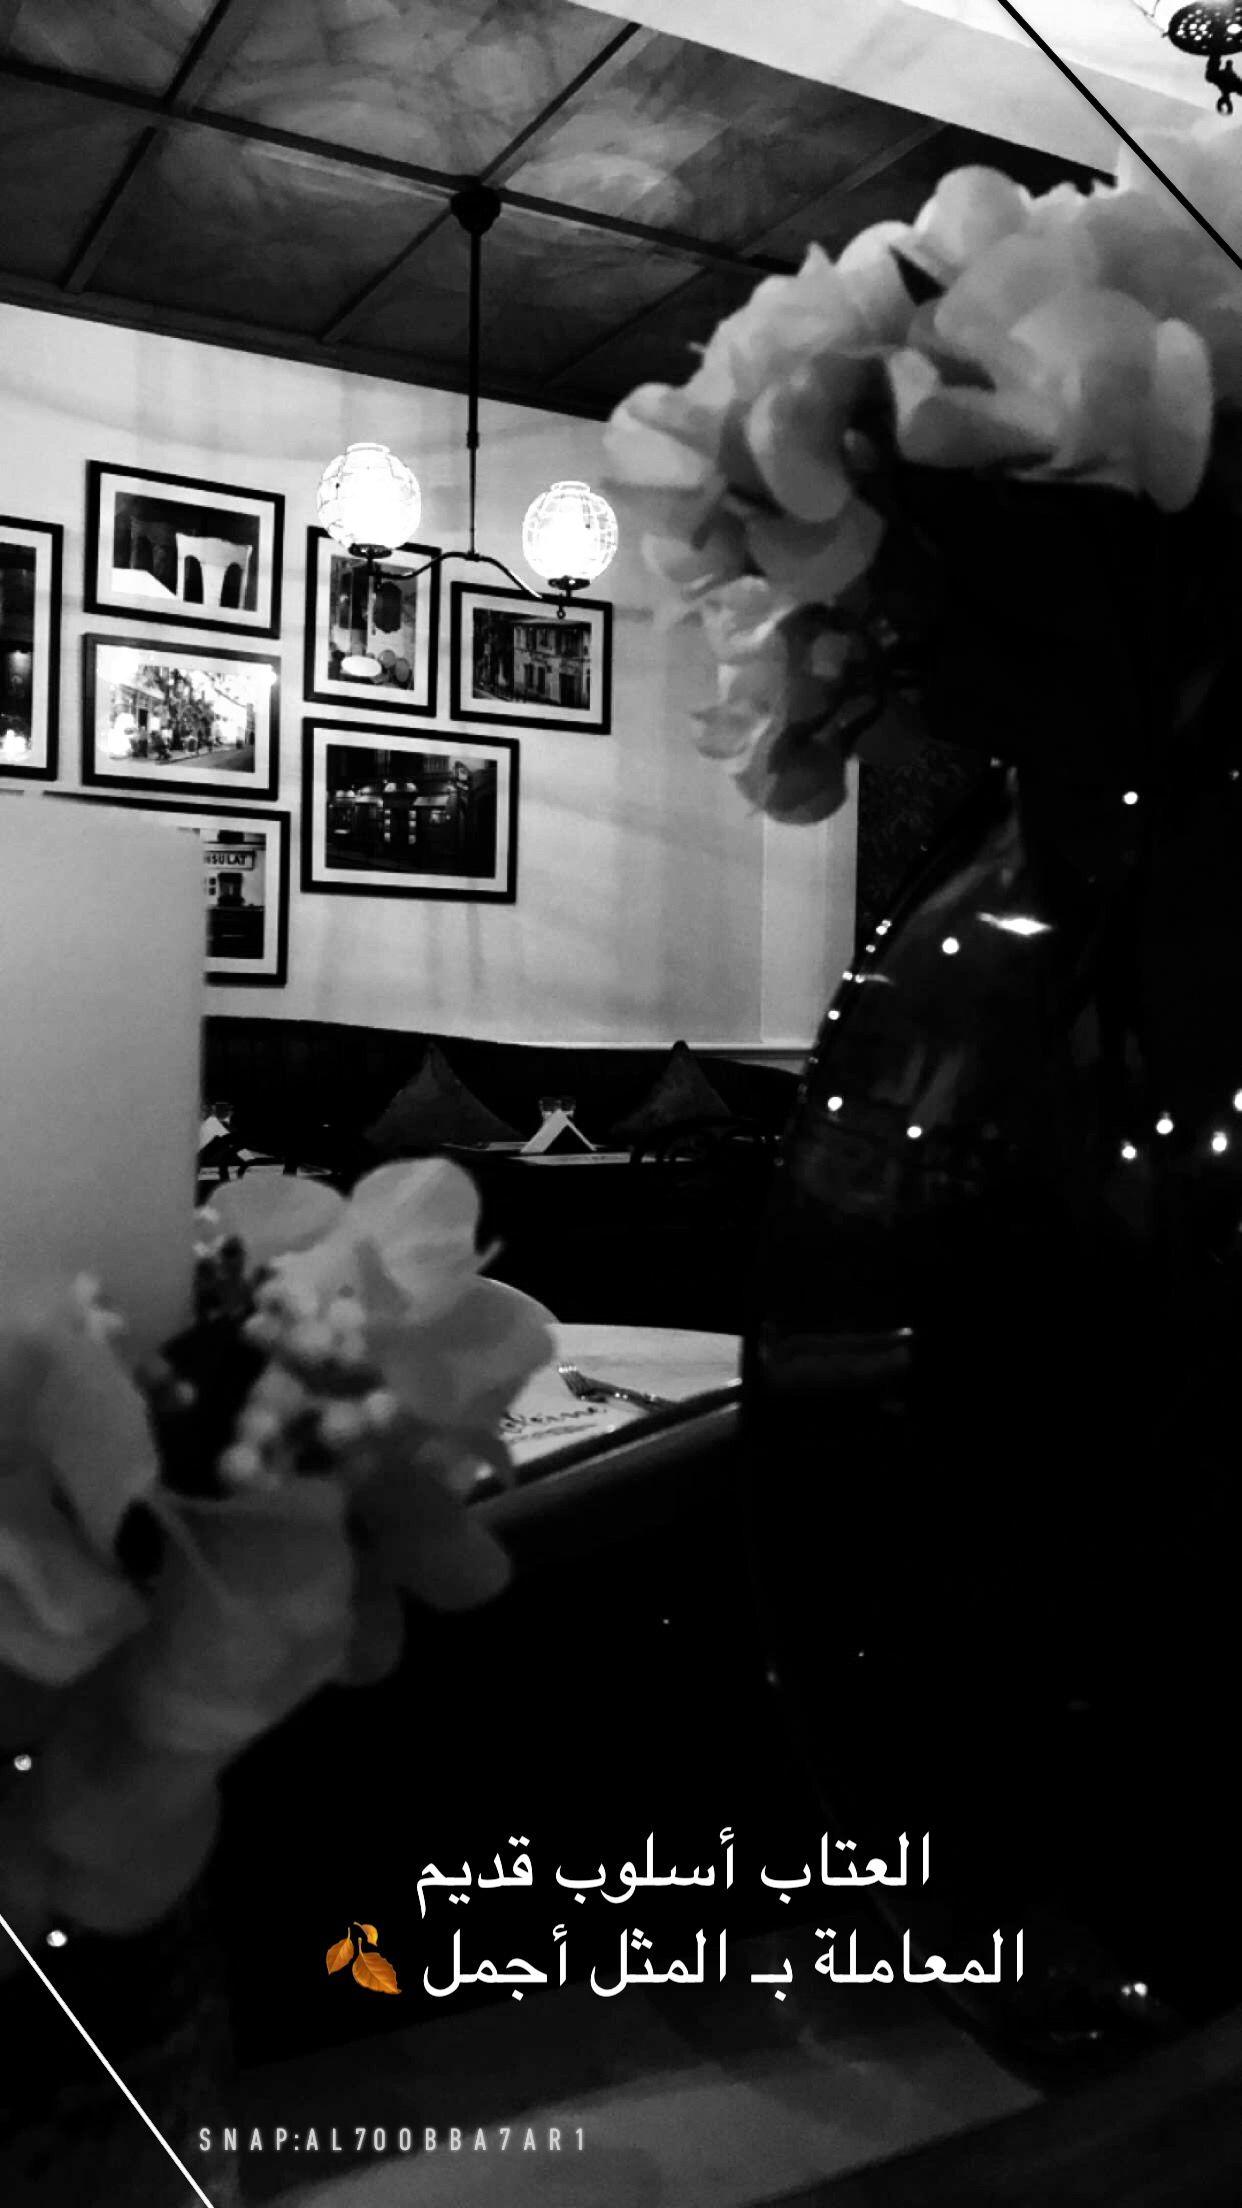 همسة العتاب أسلوب قديم المعاملة بـ المثل أجمل تصويري تصويري سناب تصميمي تصميم البحرين المنامة مطعم Arabic Quotes Arabic Words I Am Strong